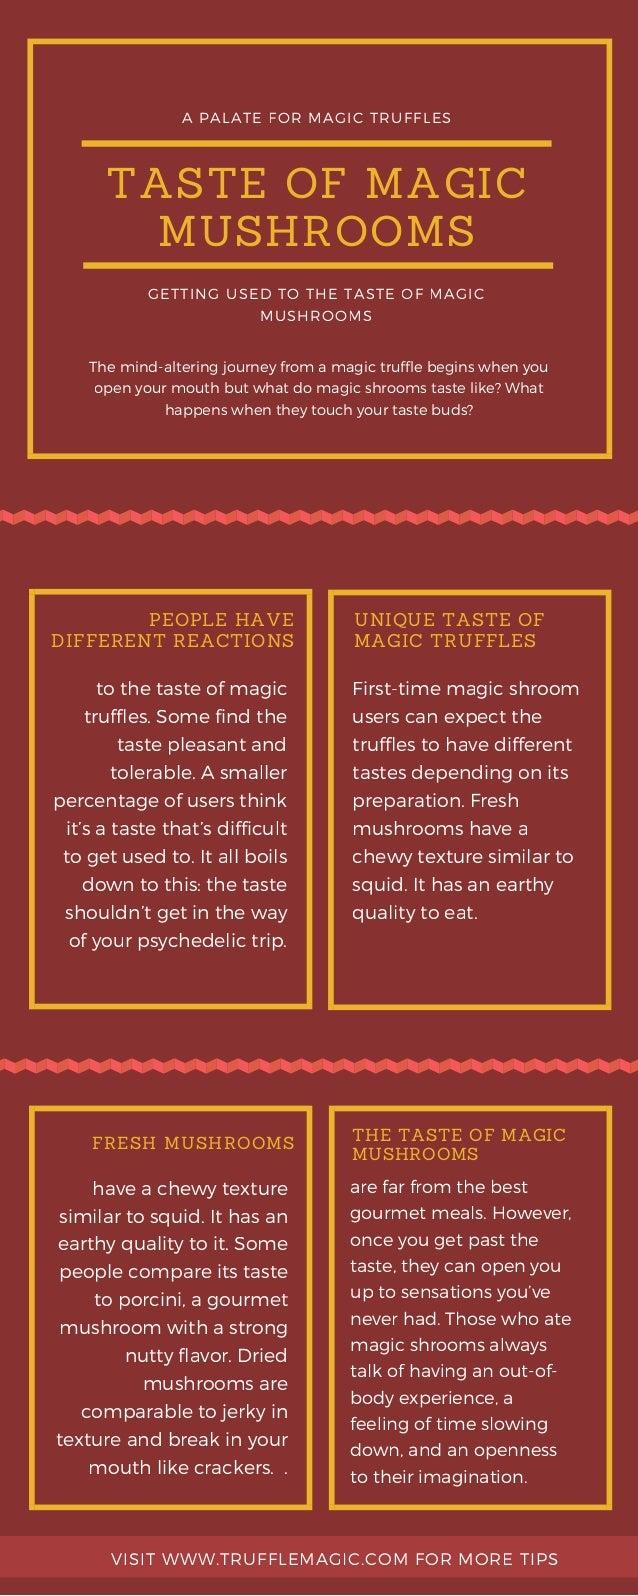 Taste of Magic Mushrooms